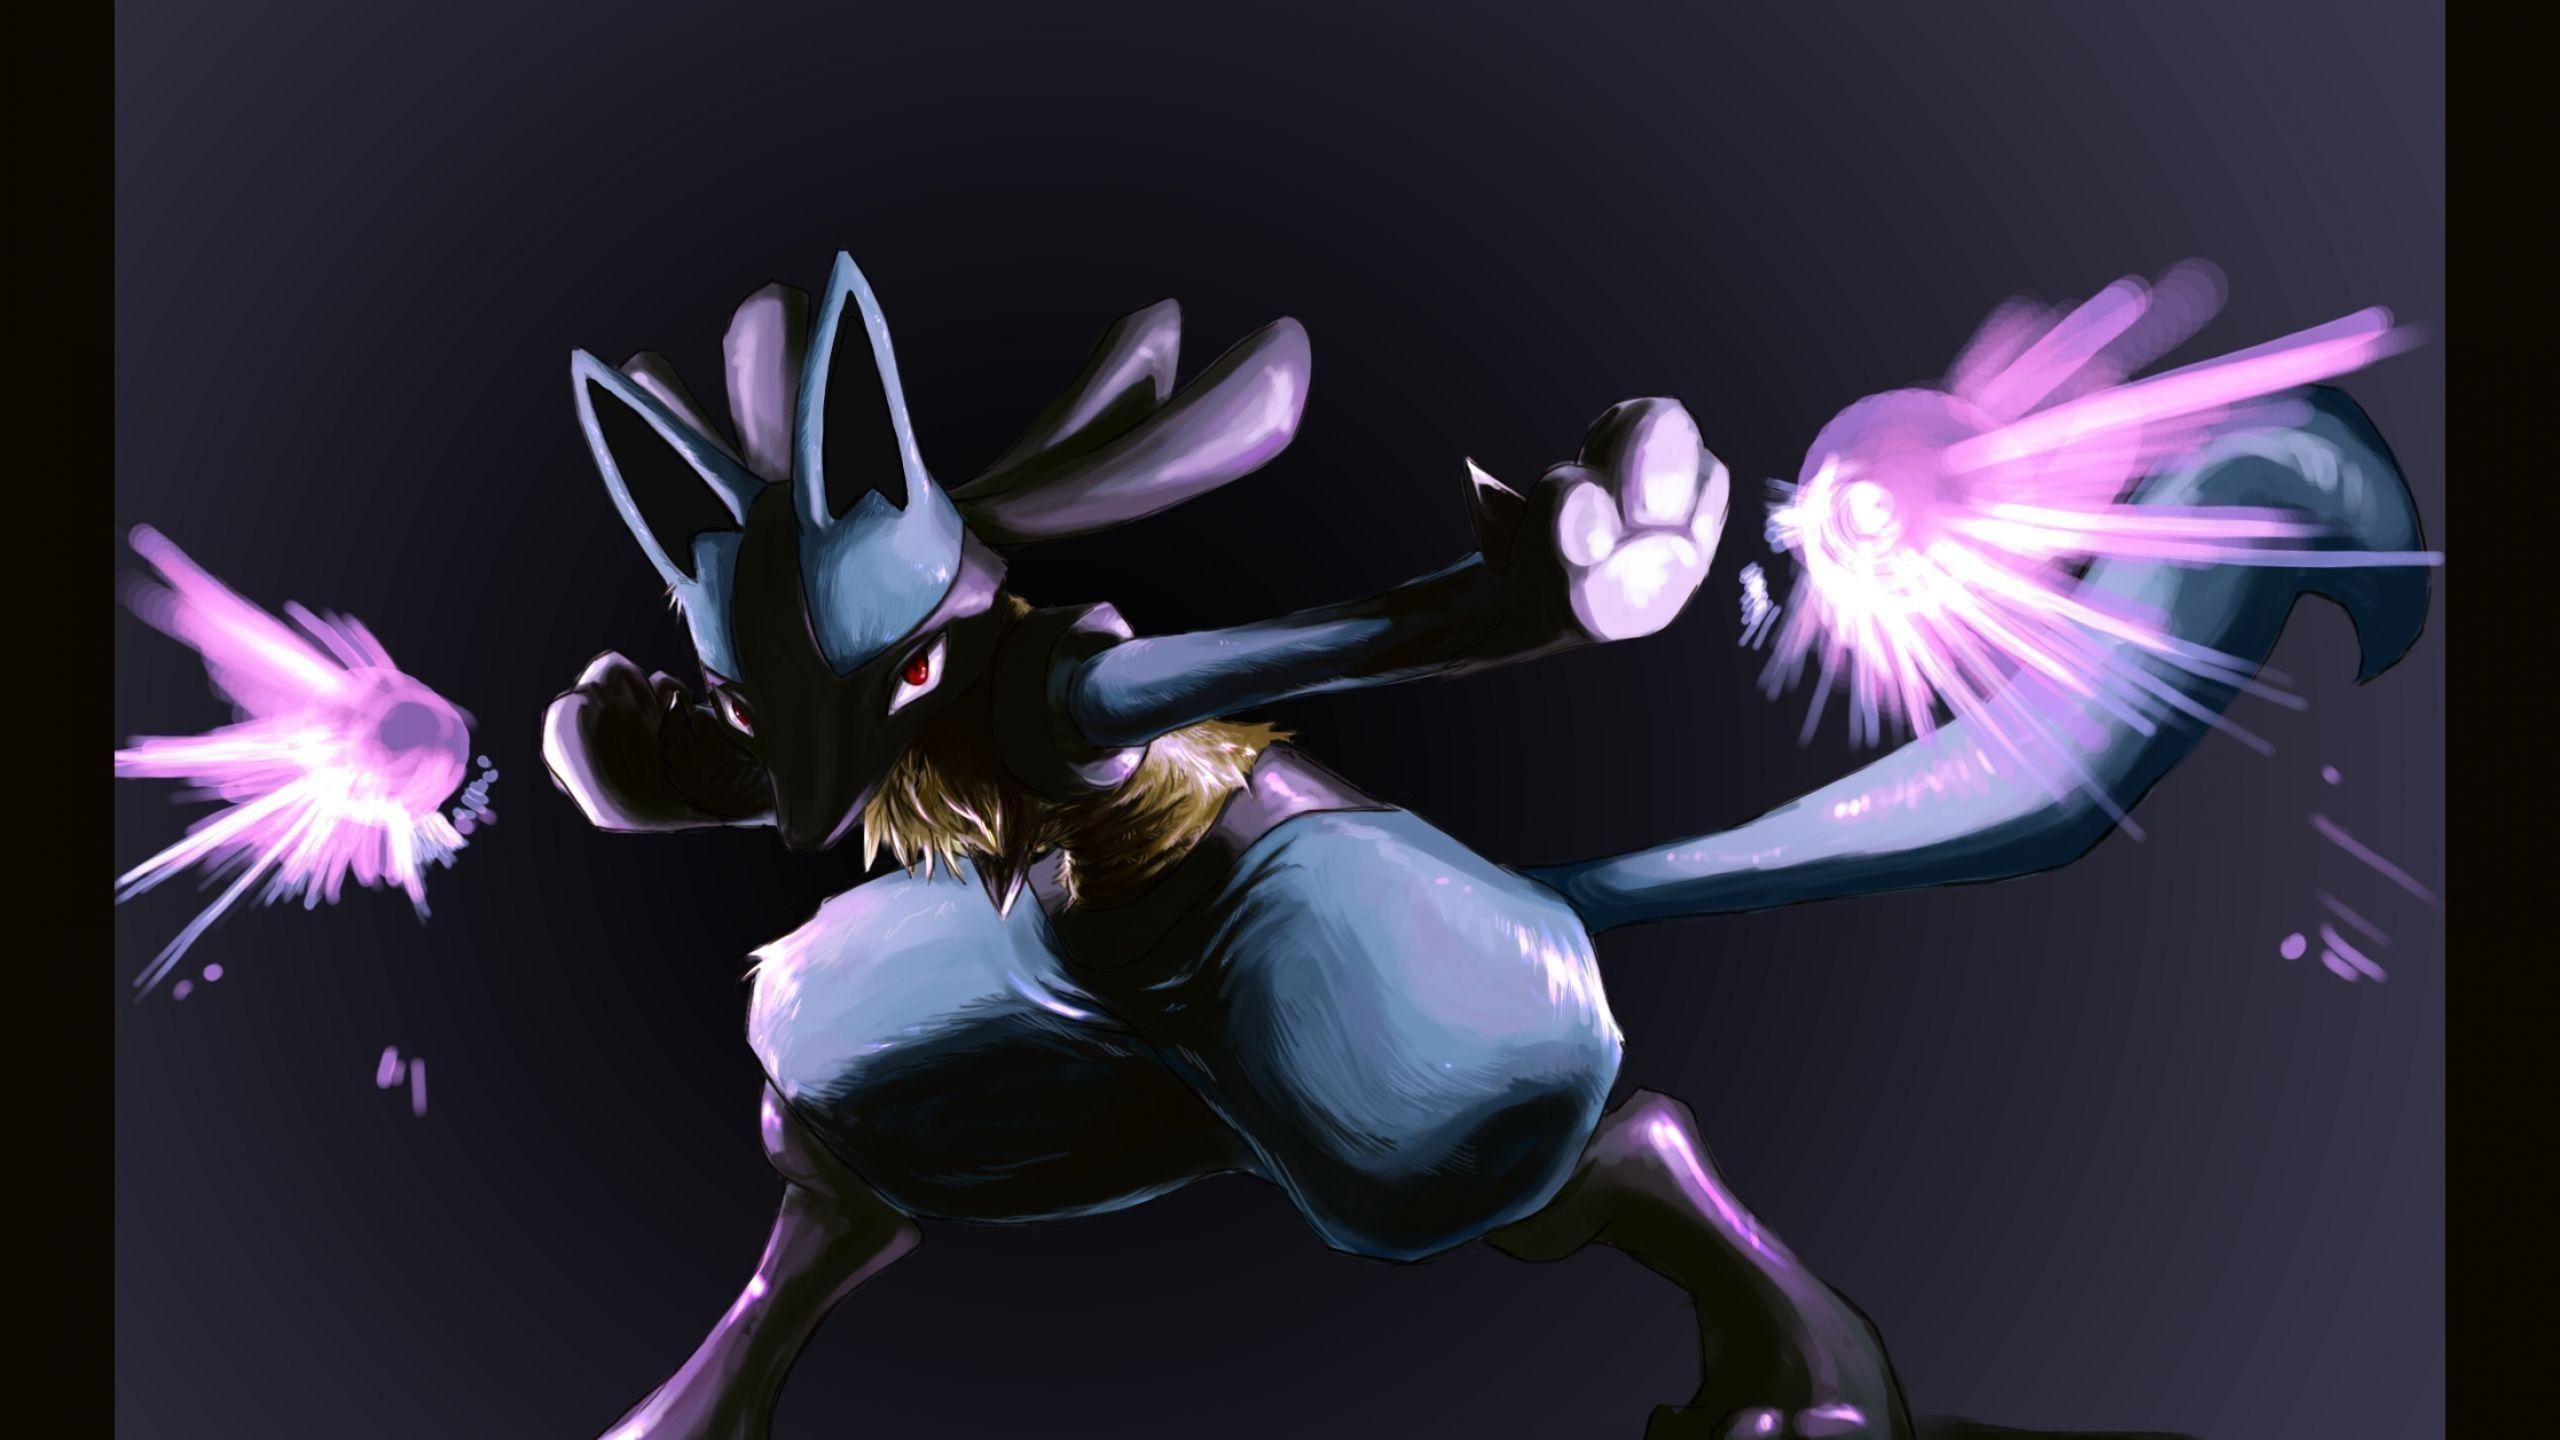 Lucario 2560 1440 Pokemon Pokemon Art Fantasy Art